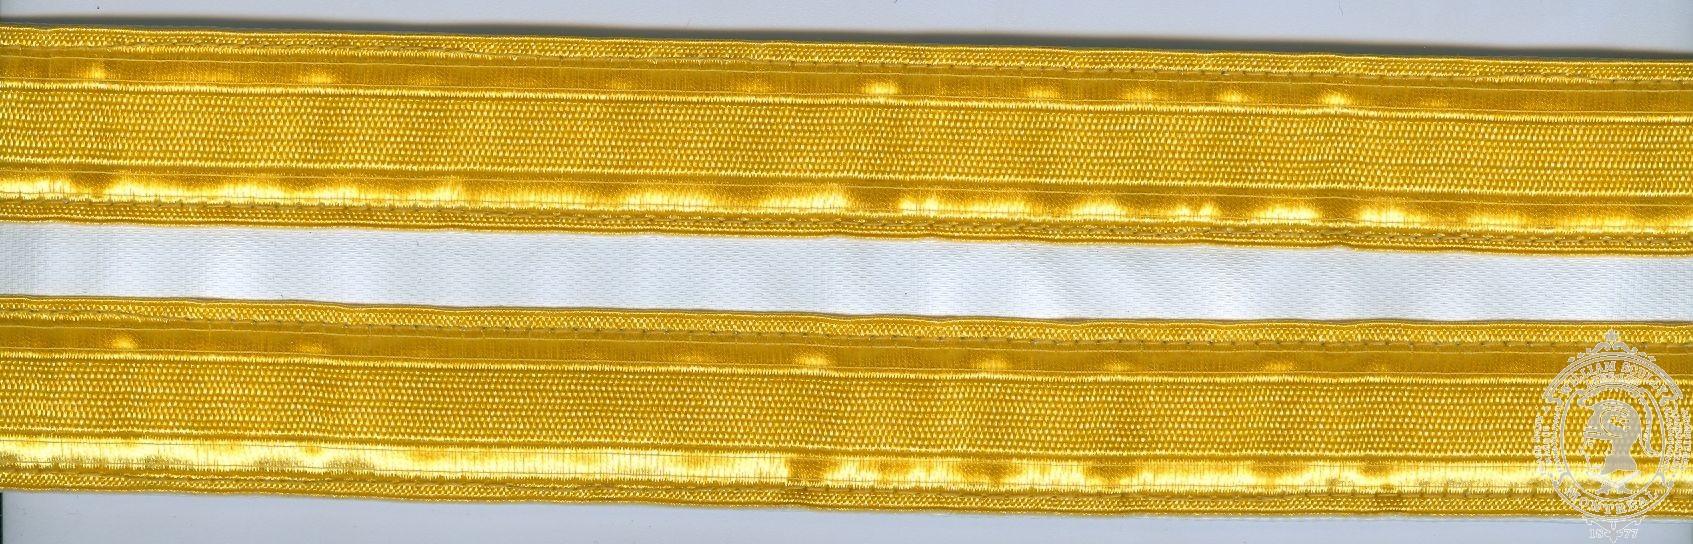 """2-1/4"""" Ceremonial Belt, White Poplin, 2 Rows 1"""" Gold Naval Braid"""